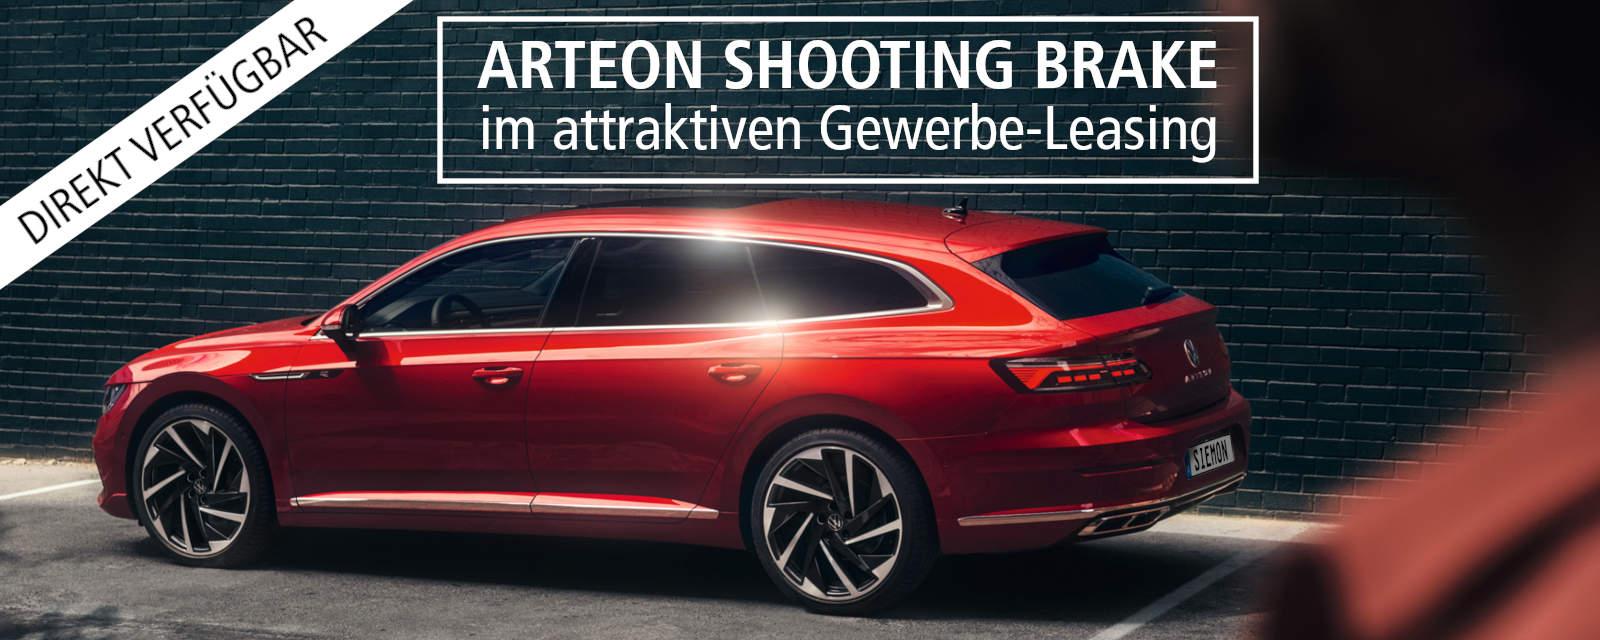 VOLKSWAGEN ARTEON - Die Oberklasse von Volkswagen